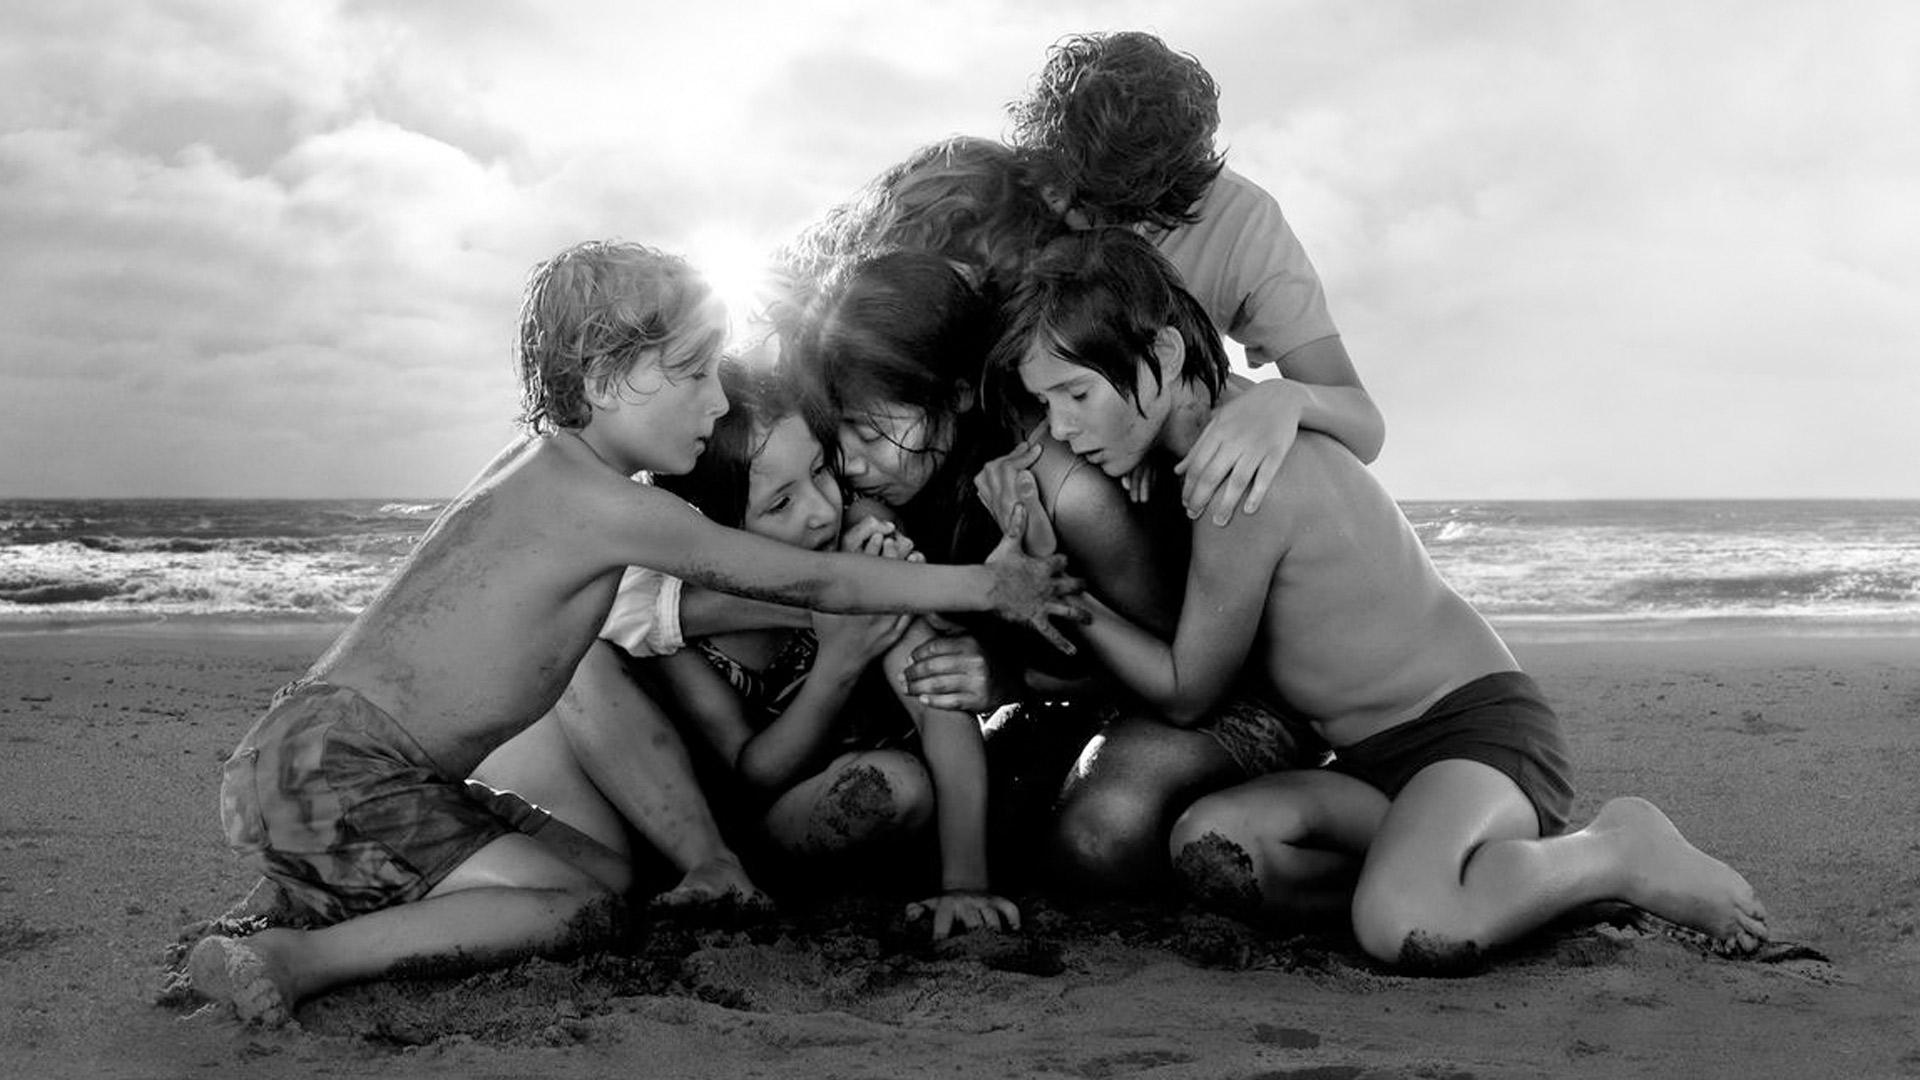 Znalezione obrazy dla zapytania: roma 2018